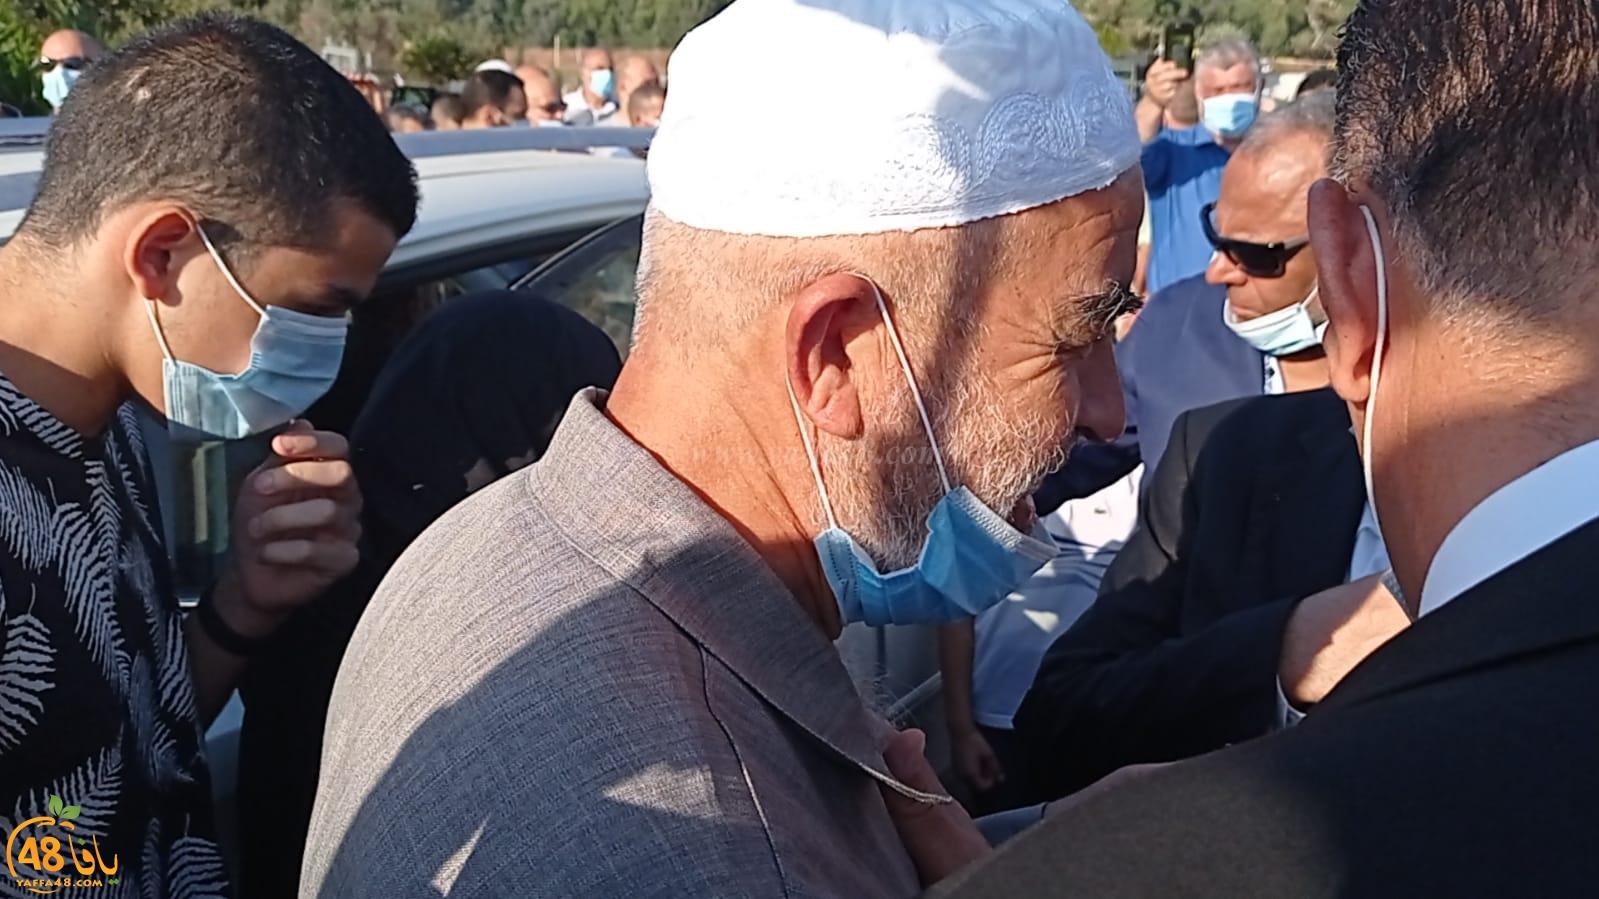 فيديو: لحظة دخول الشيخ رائد صلاح الى السجن